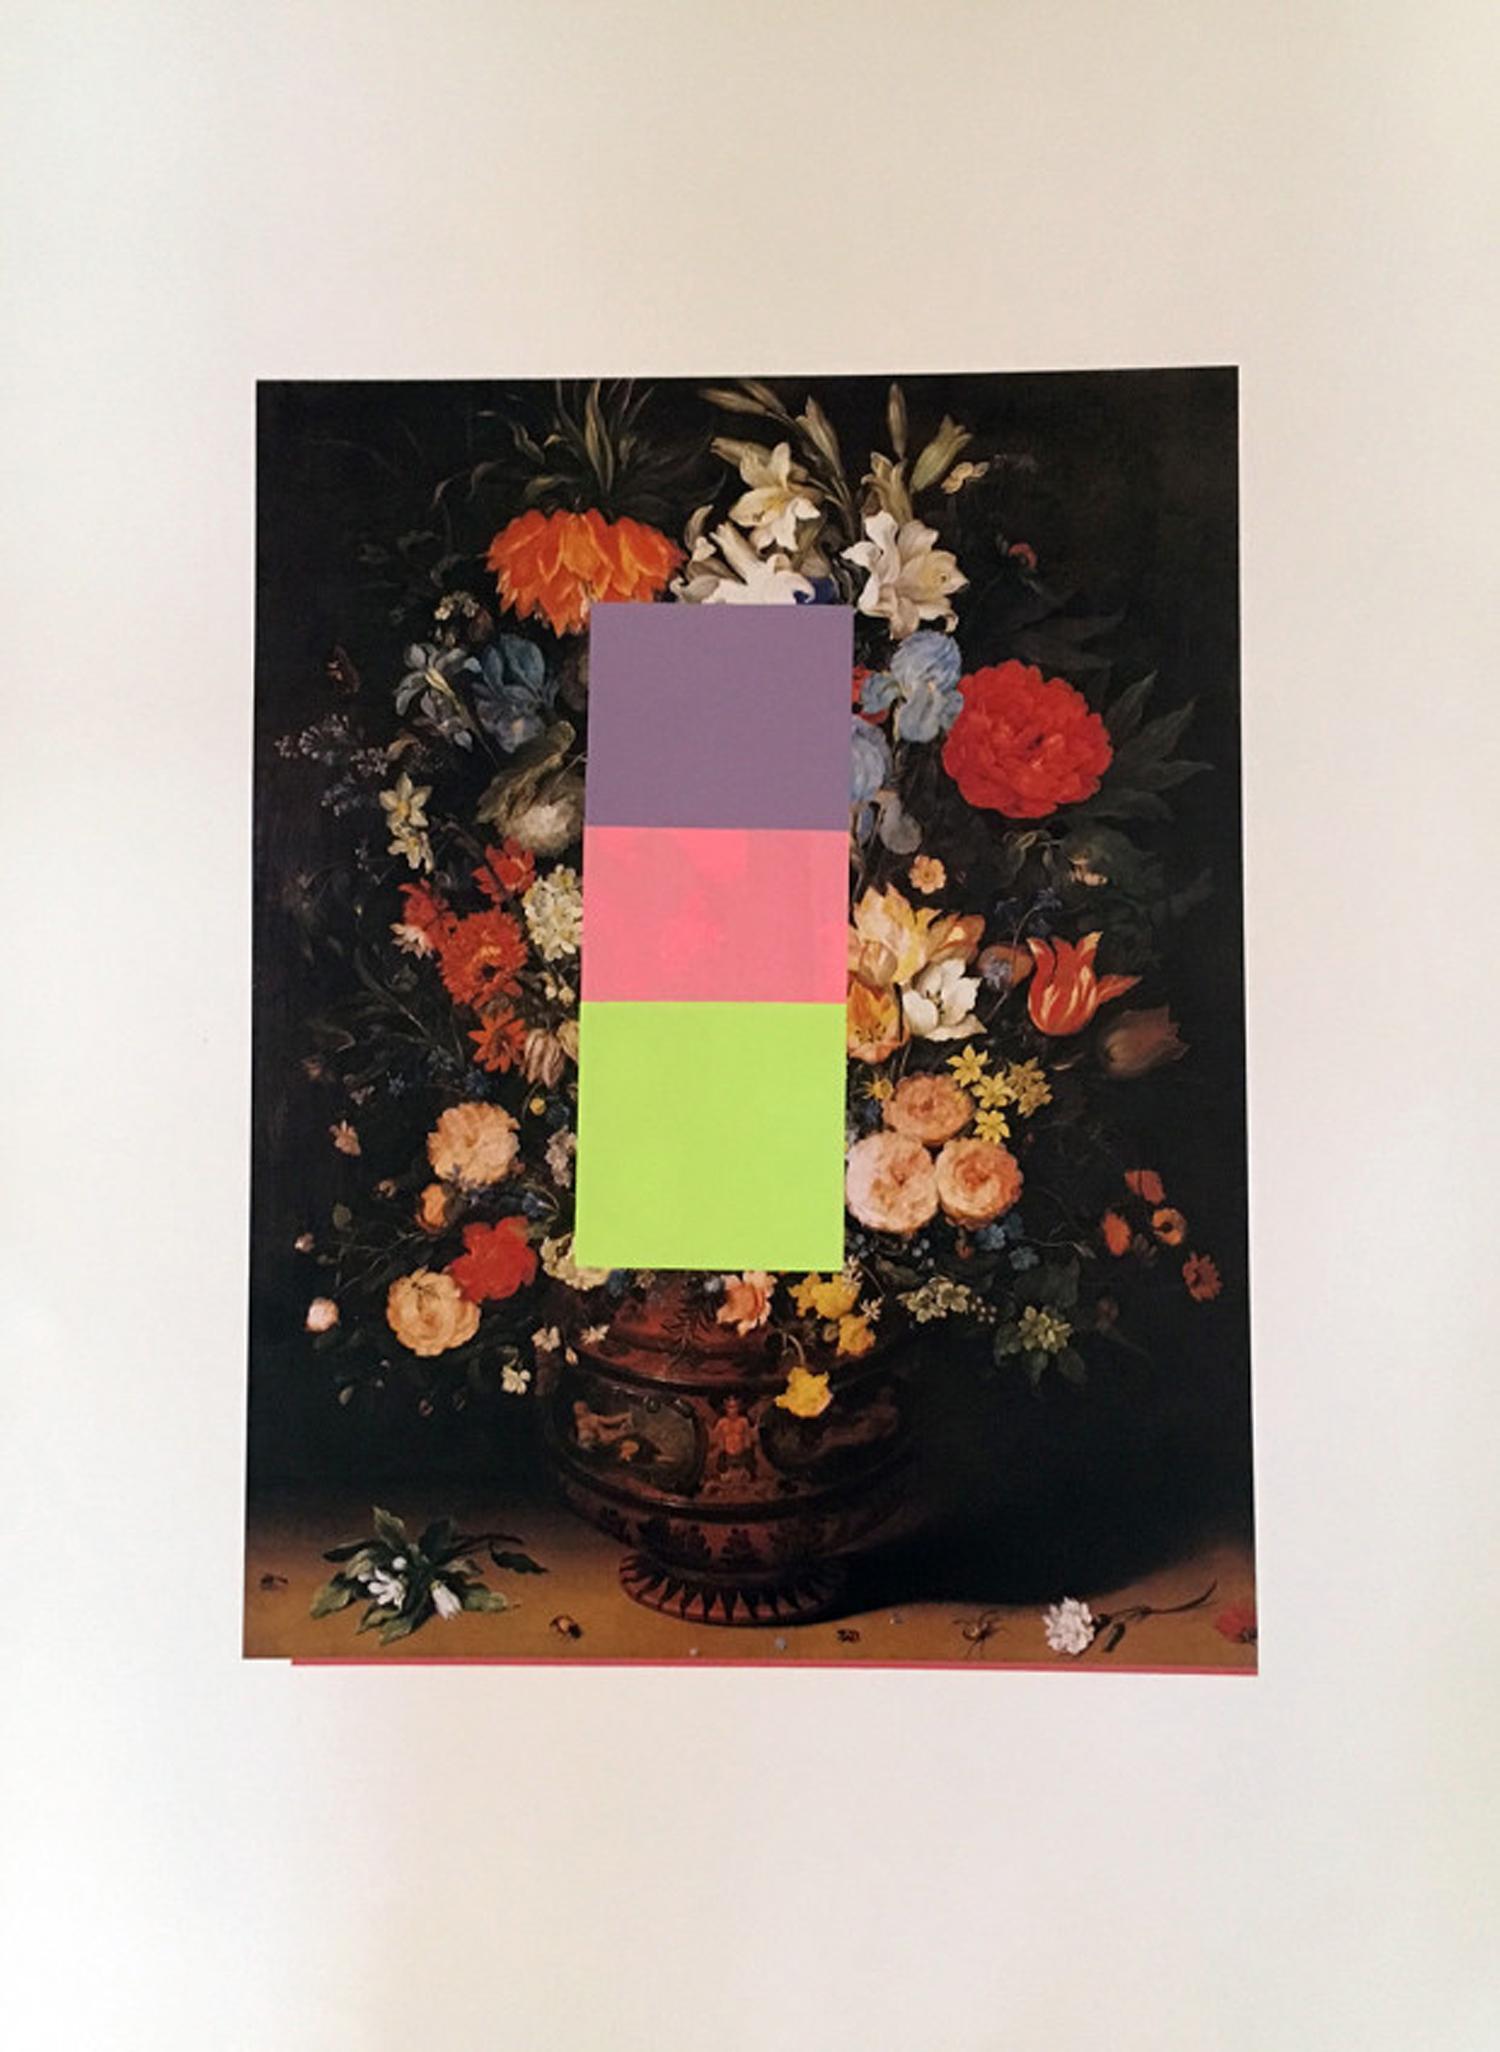 OSVALDO ROMBERG | Untitled - Flower